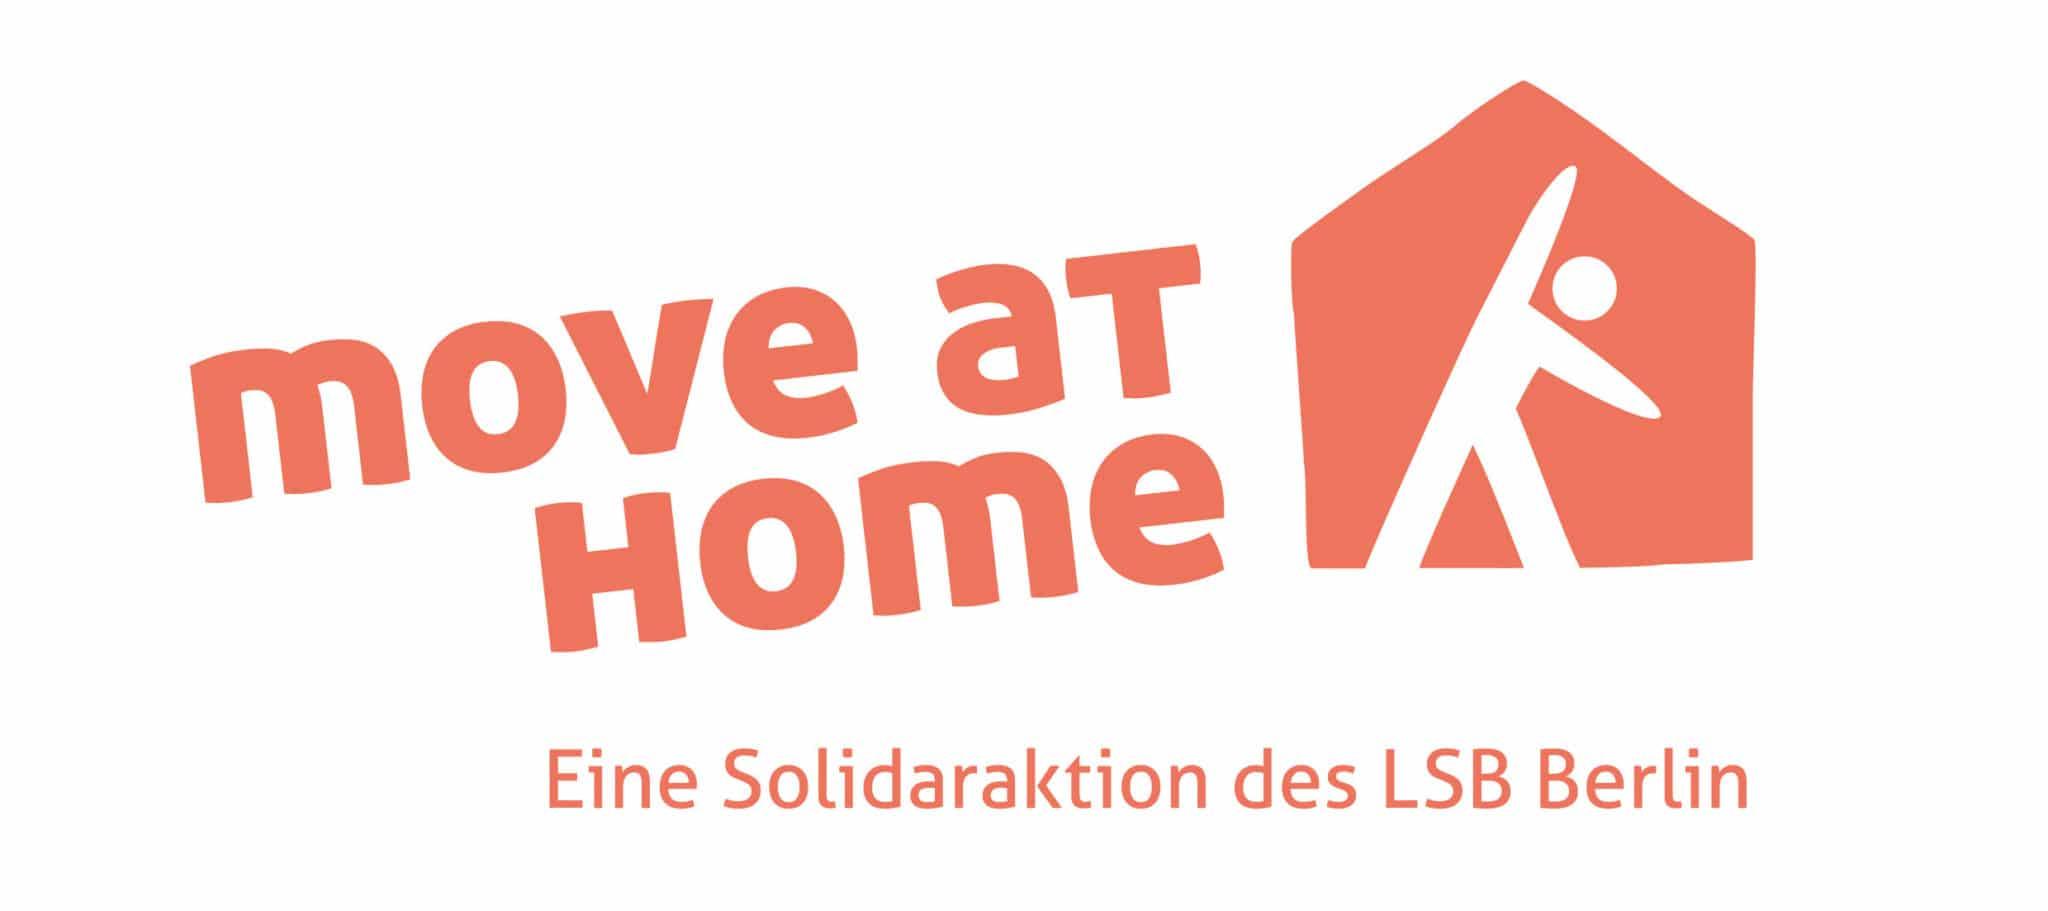 """Kampagne """"move at home"""" für Bewegung und Solidarität live im rbb - Sportvereine des Landessportbunds machen Wohnzimmer zu Turnhallen"""